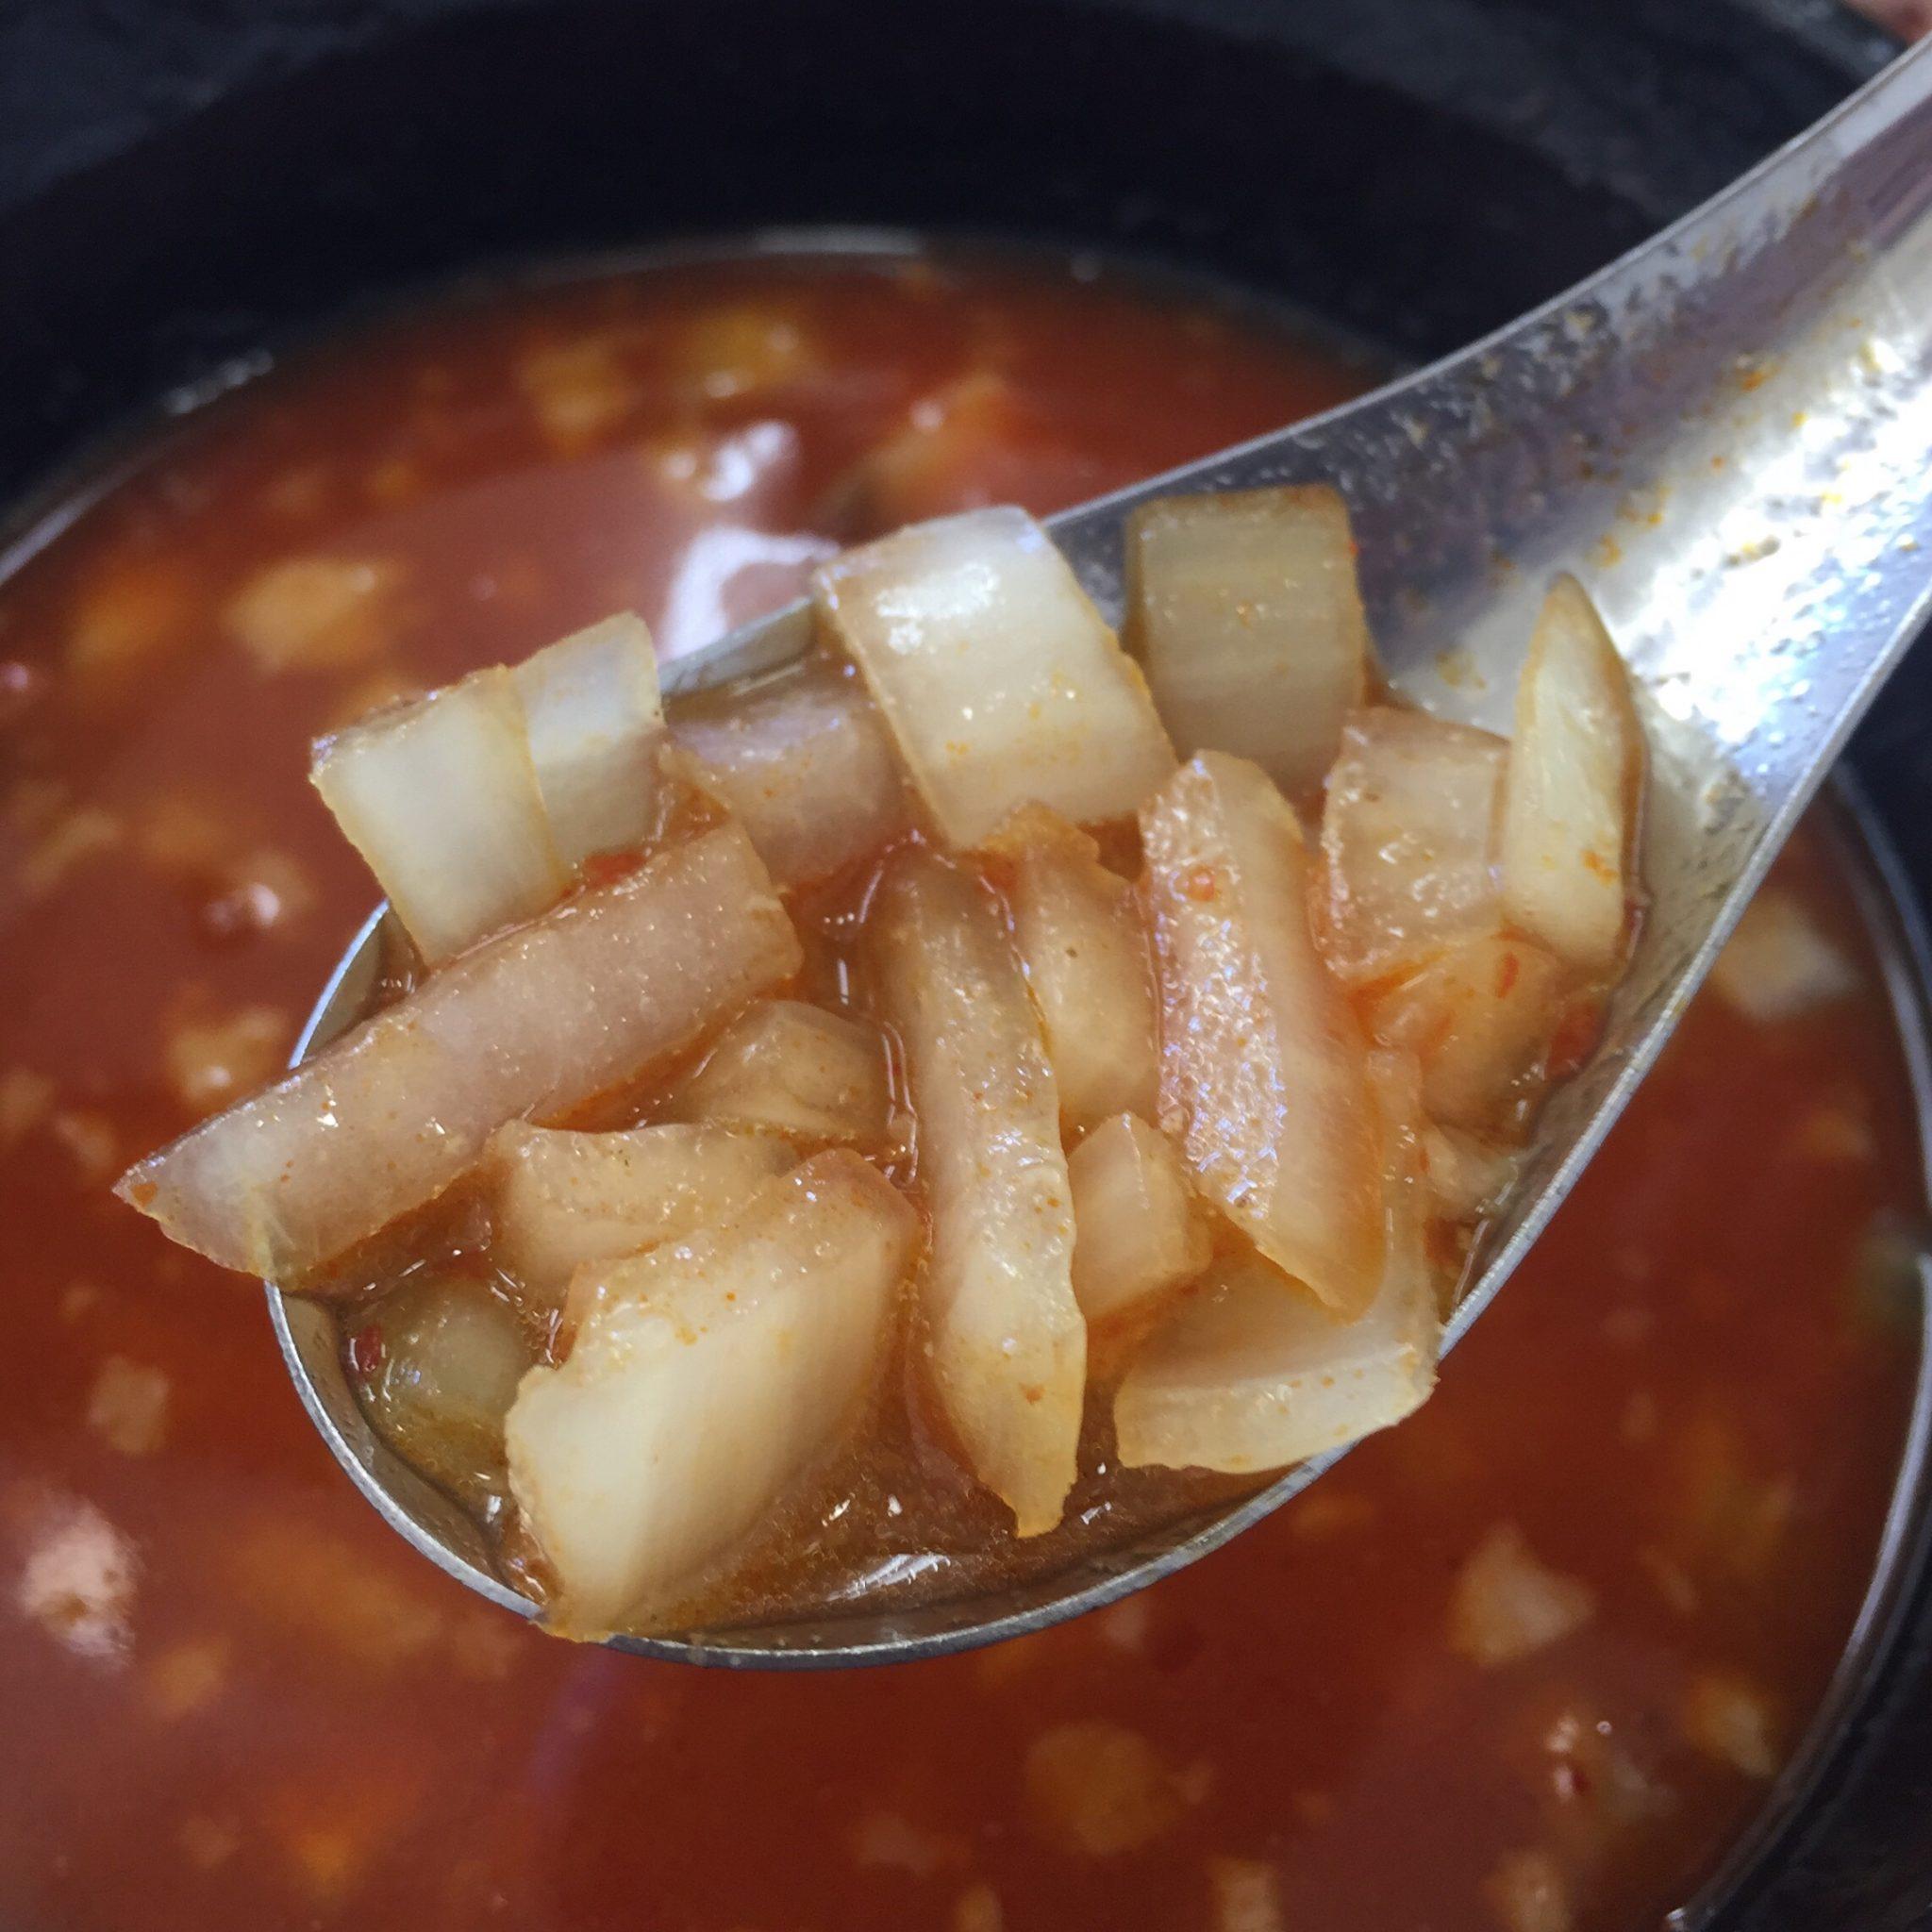 麺屋 羅漢 メニュー カラシビつけ麺 辛痺つけ麺 具